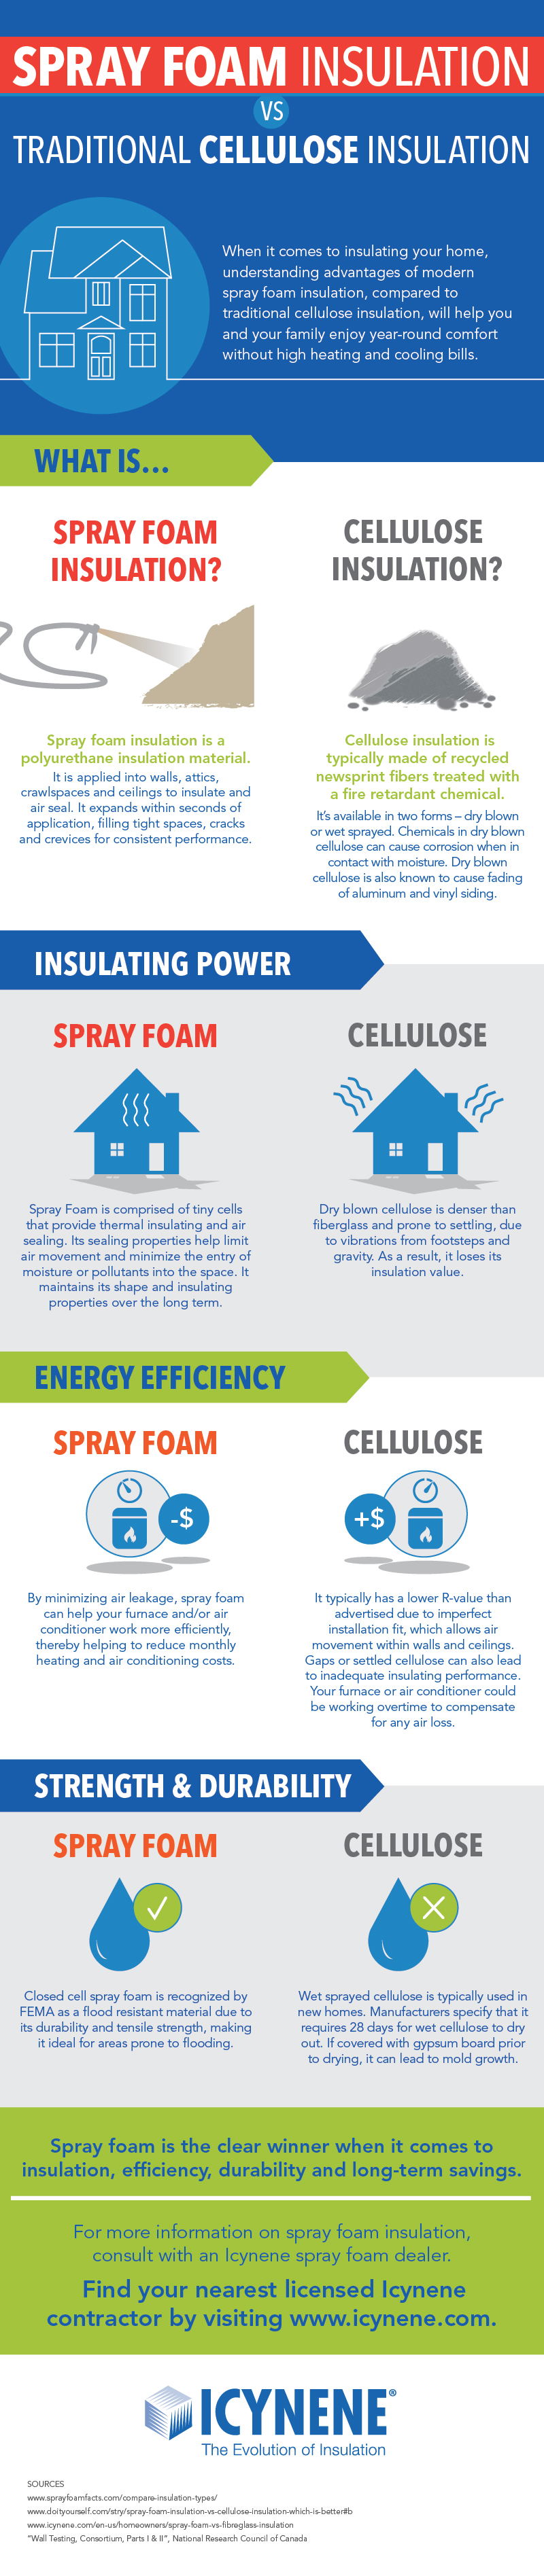 Spray foam insulation vs. cellulose insulation